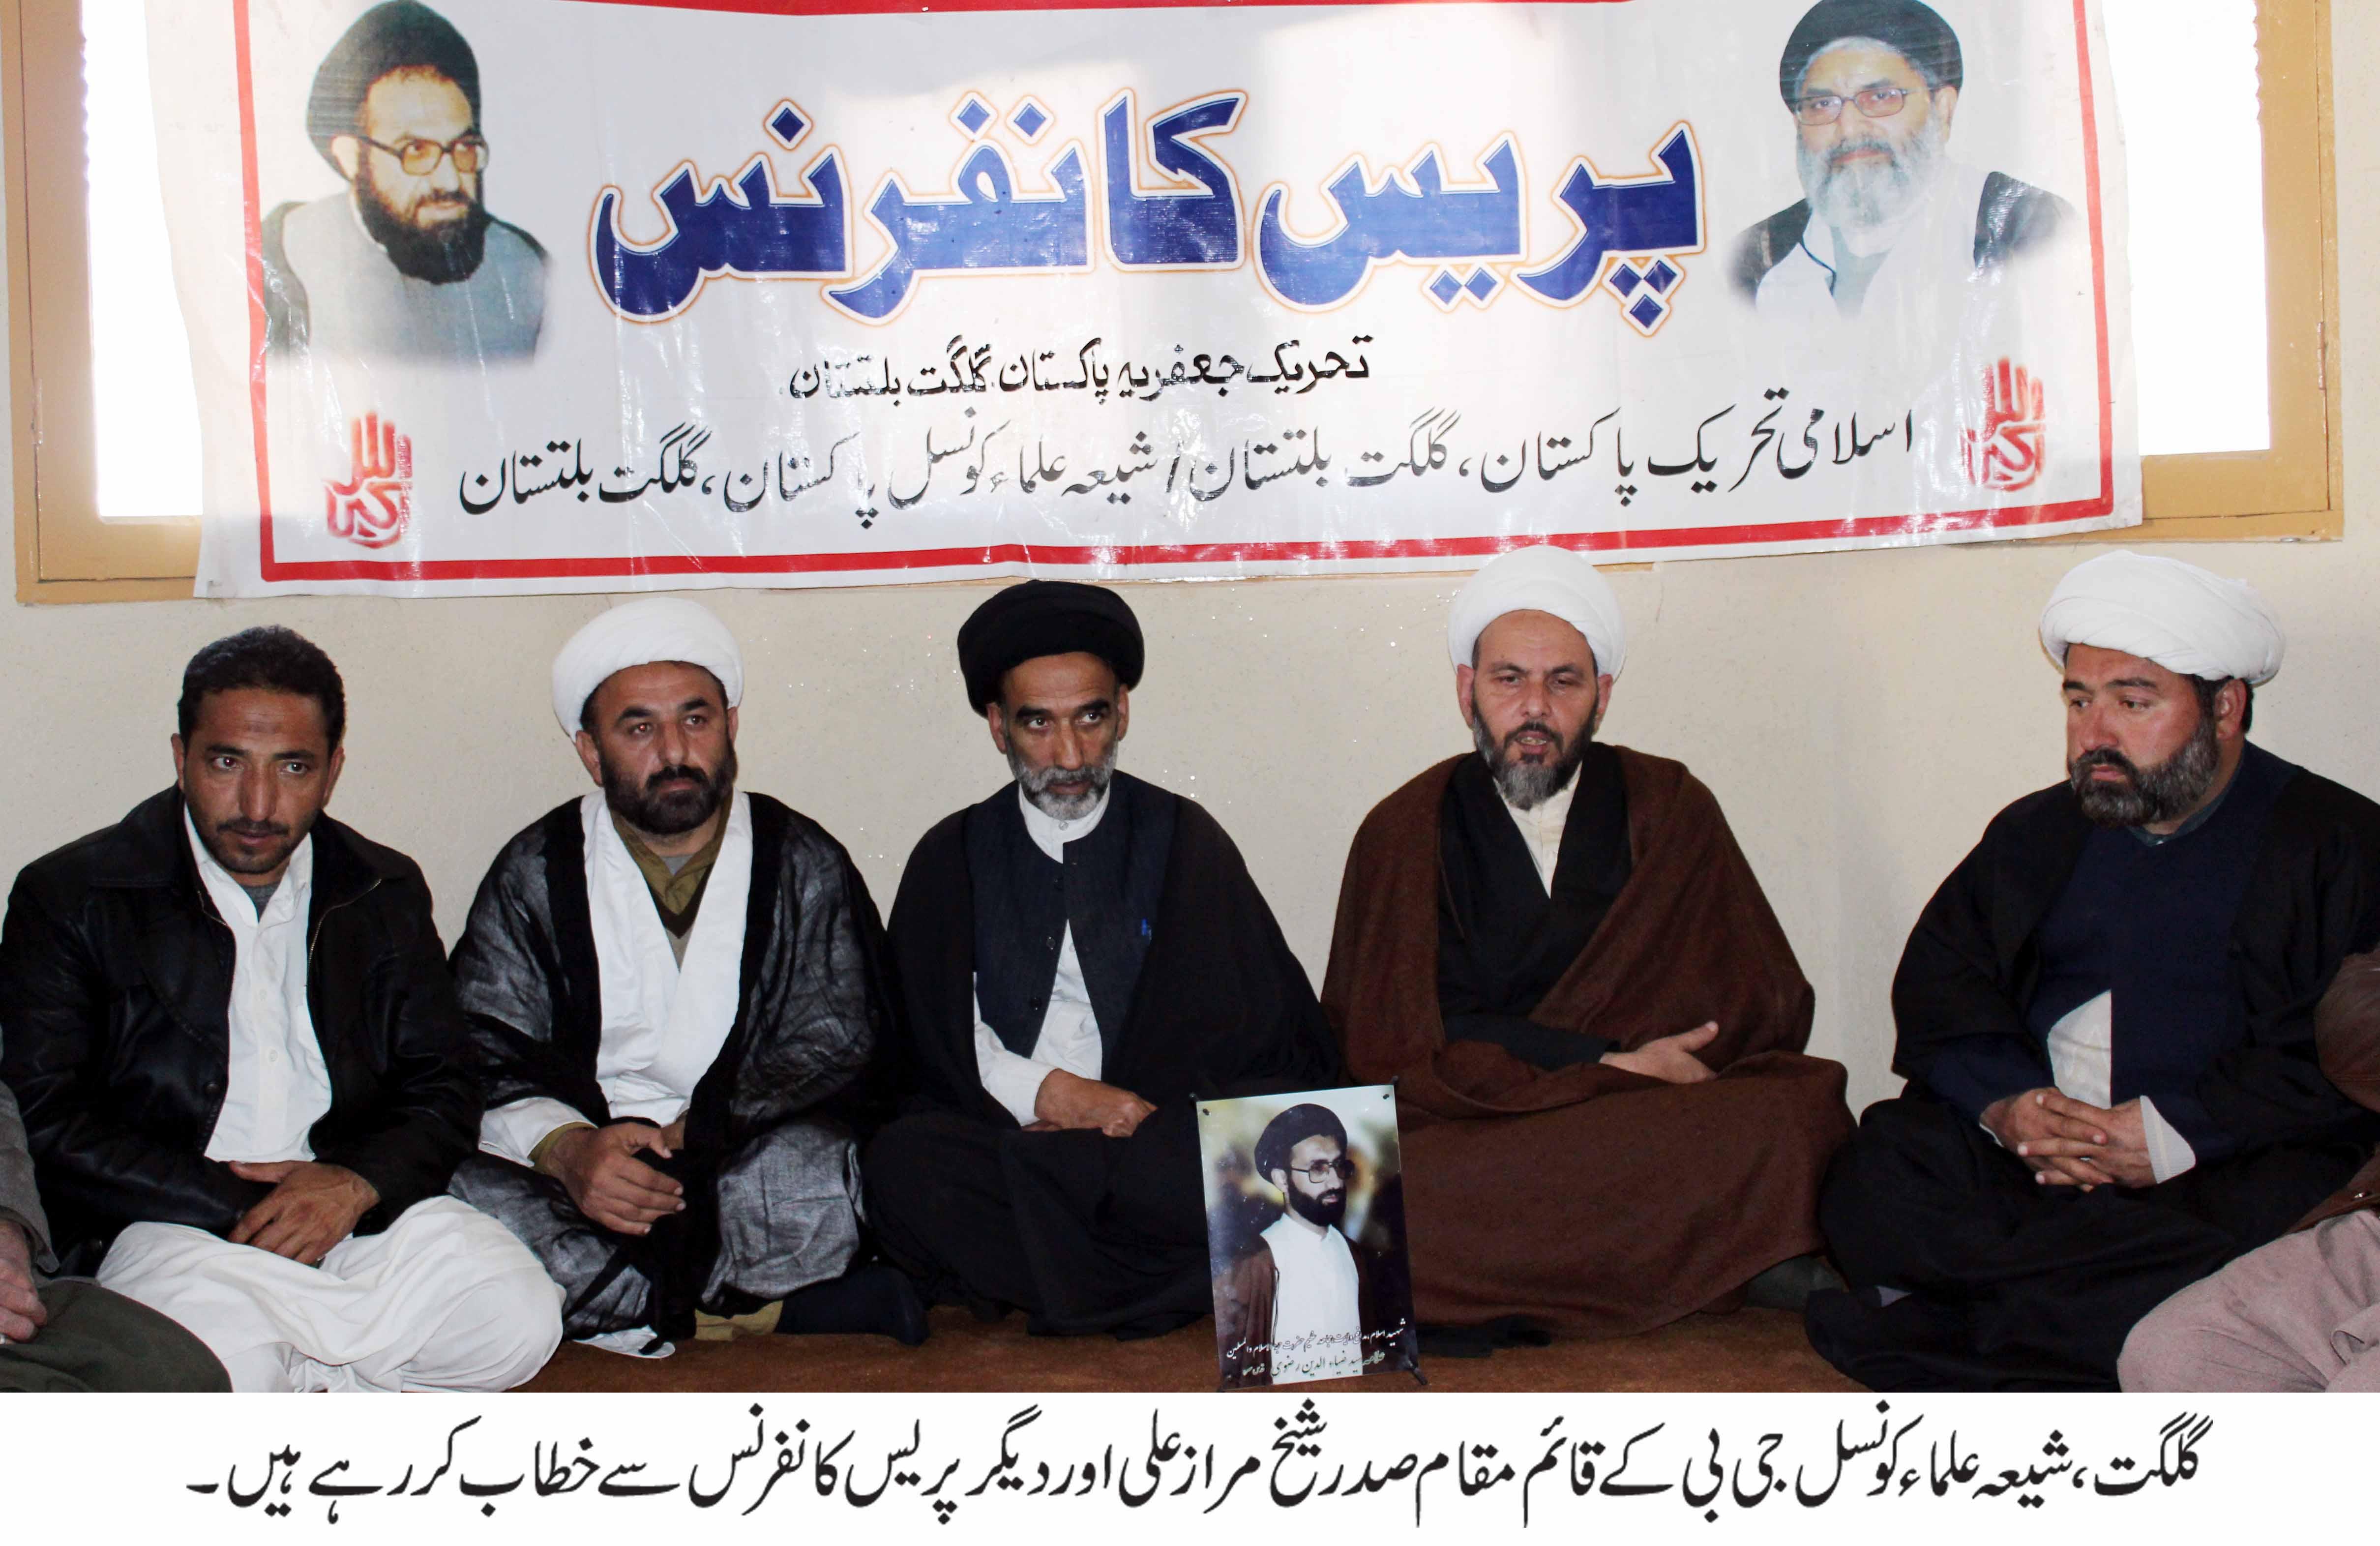 ایک ہفتے میں نگران کابینہ نہیں بدلا گیا تو پورے گلگت بلتستان میں احتجاج کریں گے، شِخ مرزا علی